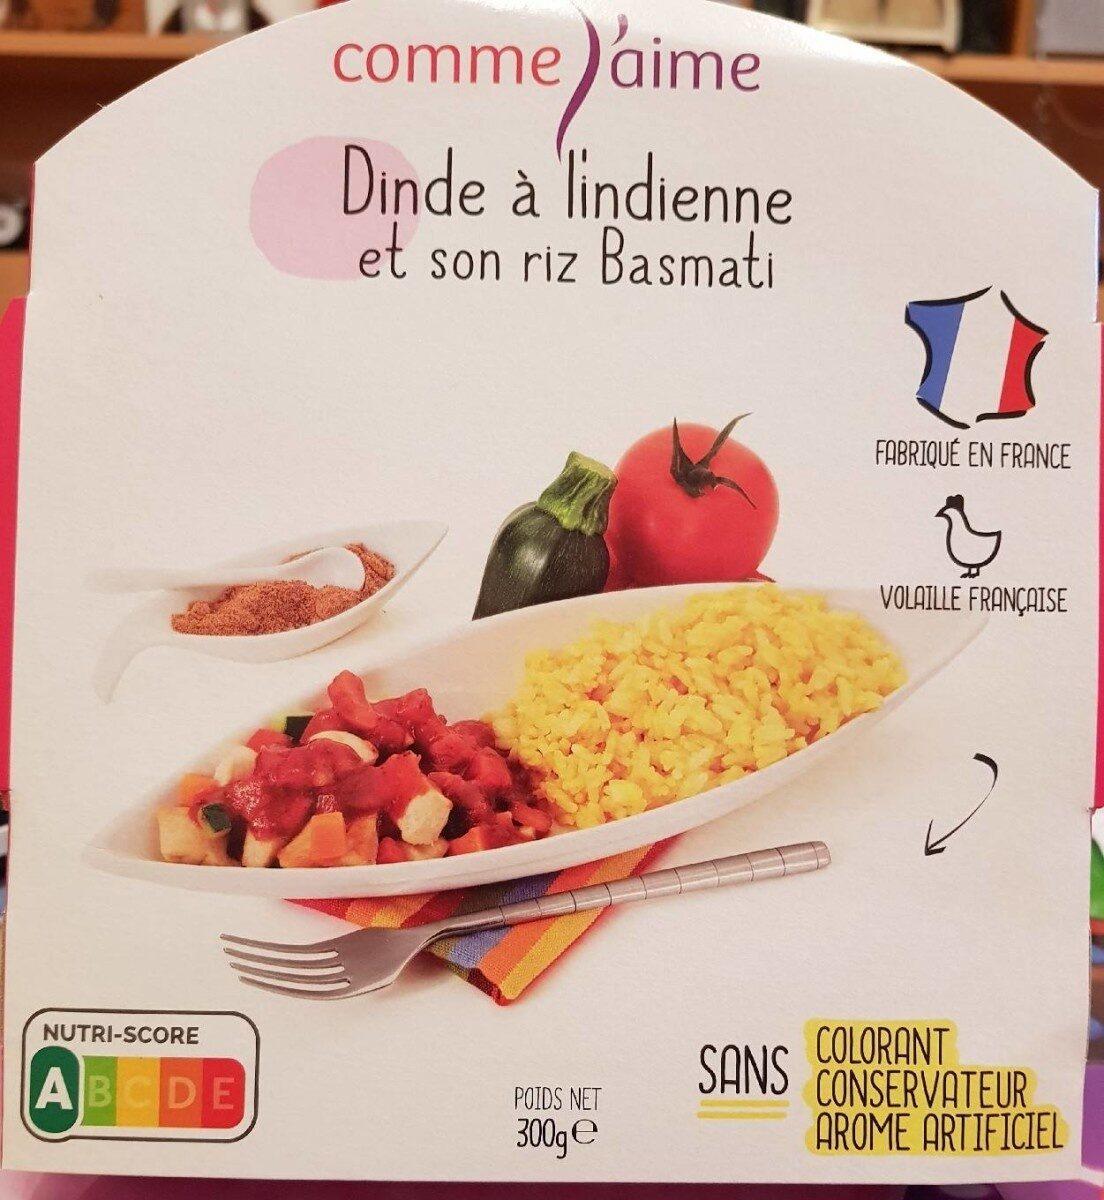 Dinde à l'indienne et son riz Basmati - Produkt - fr